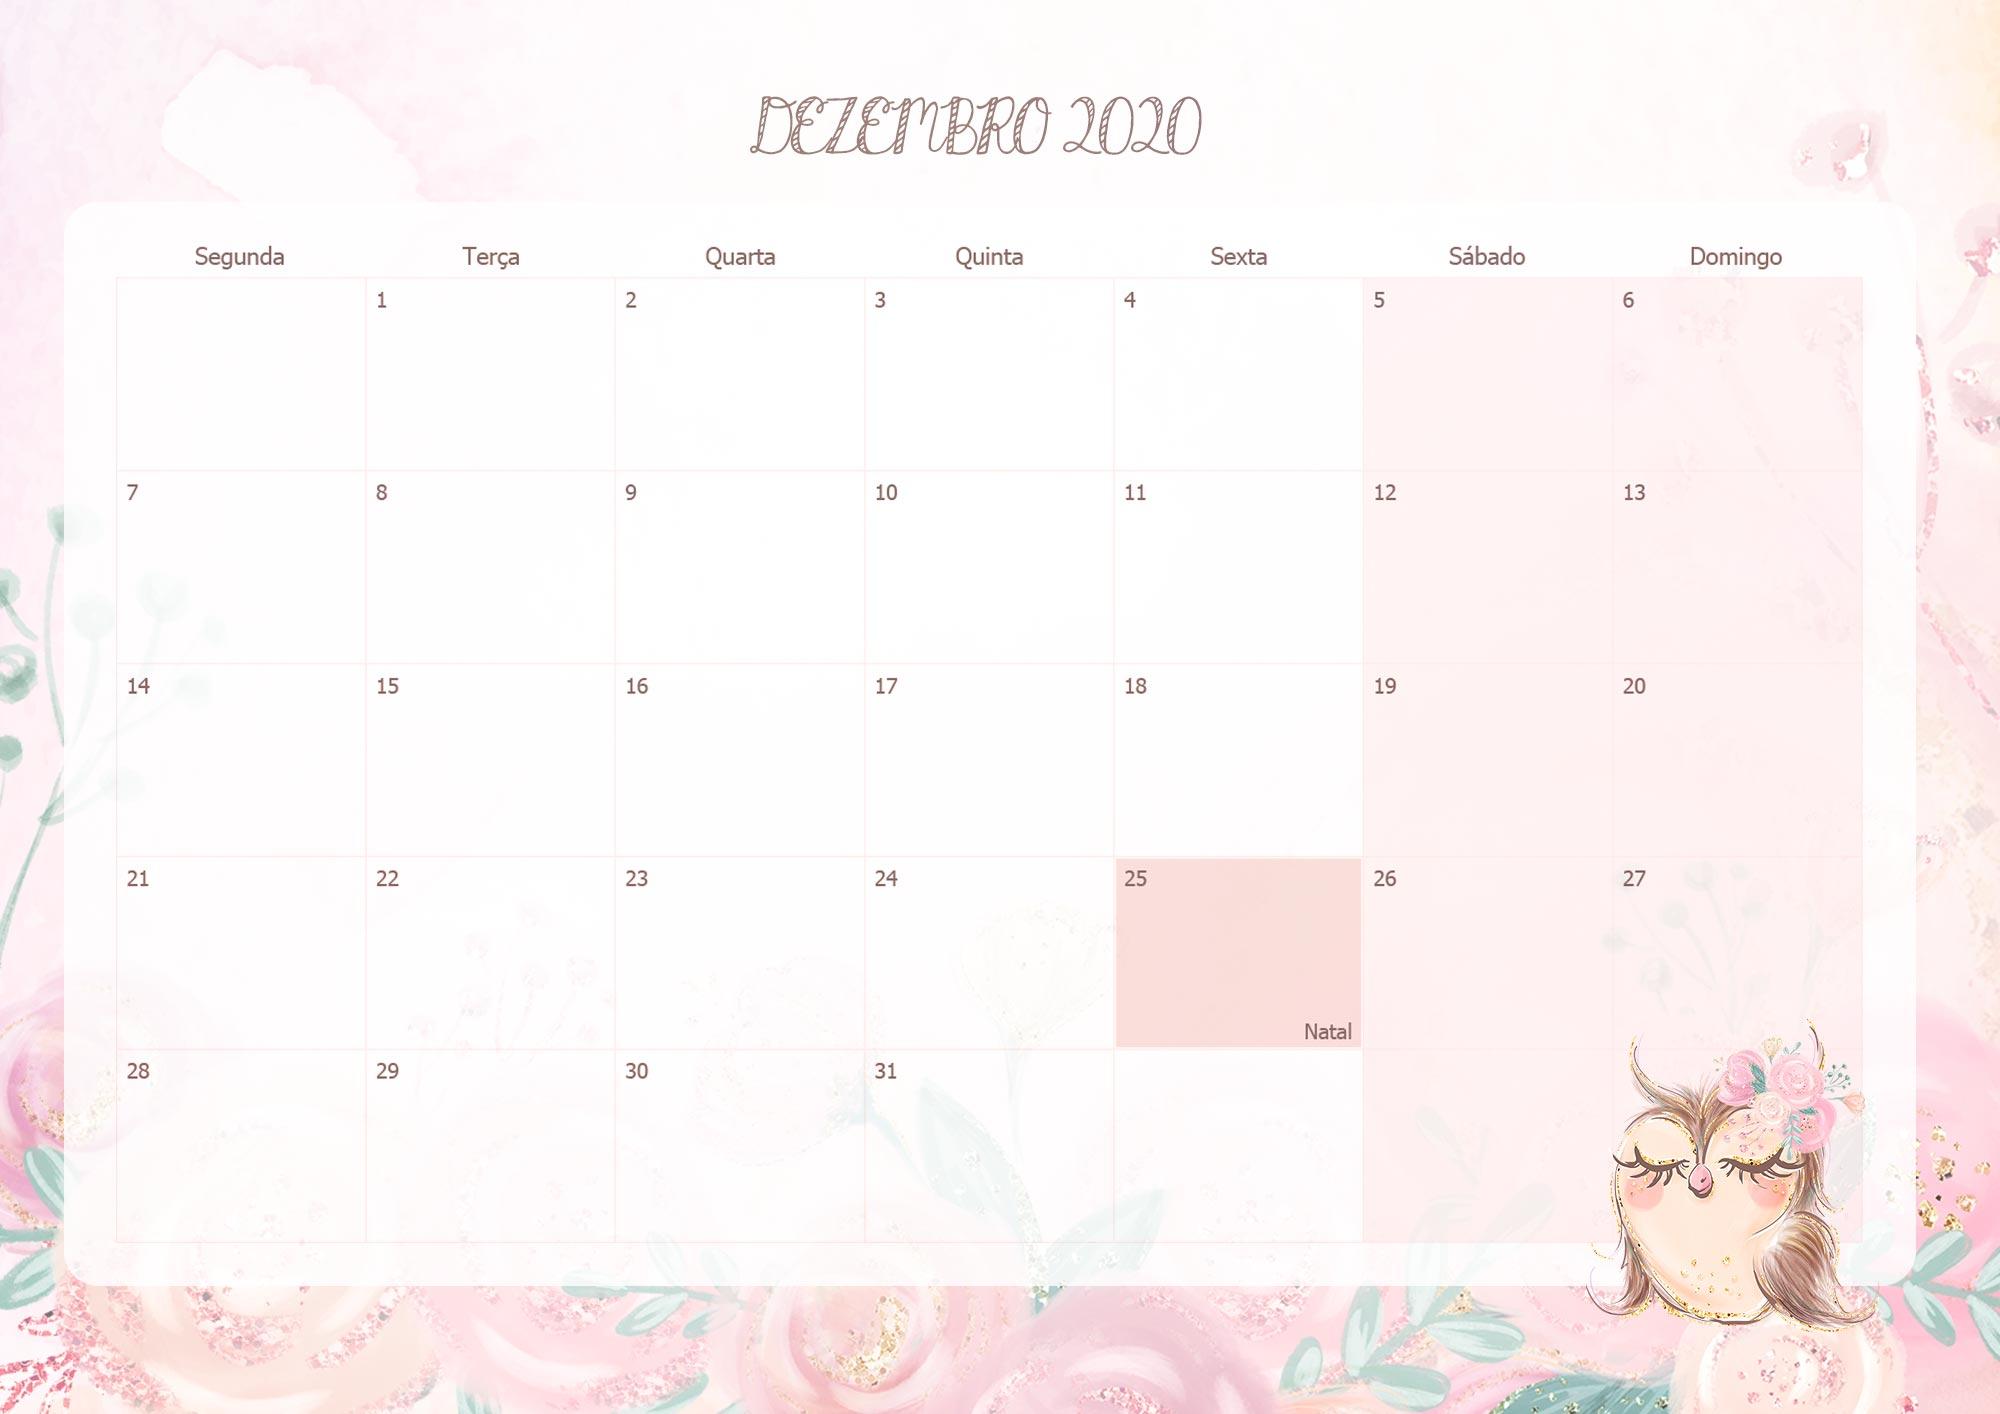 Calendario Mensal Corujinha Dezembro 2020